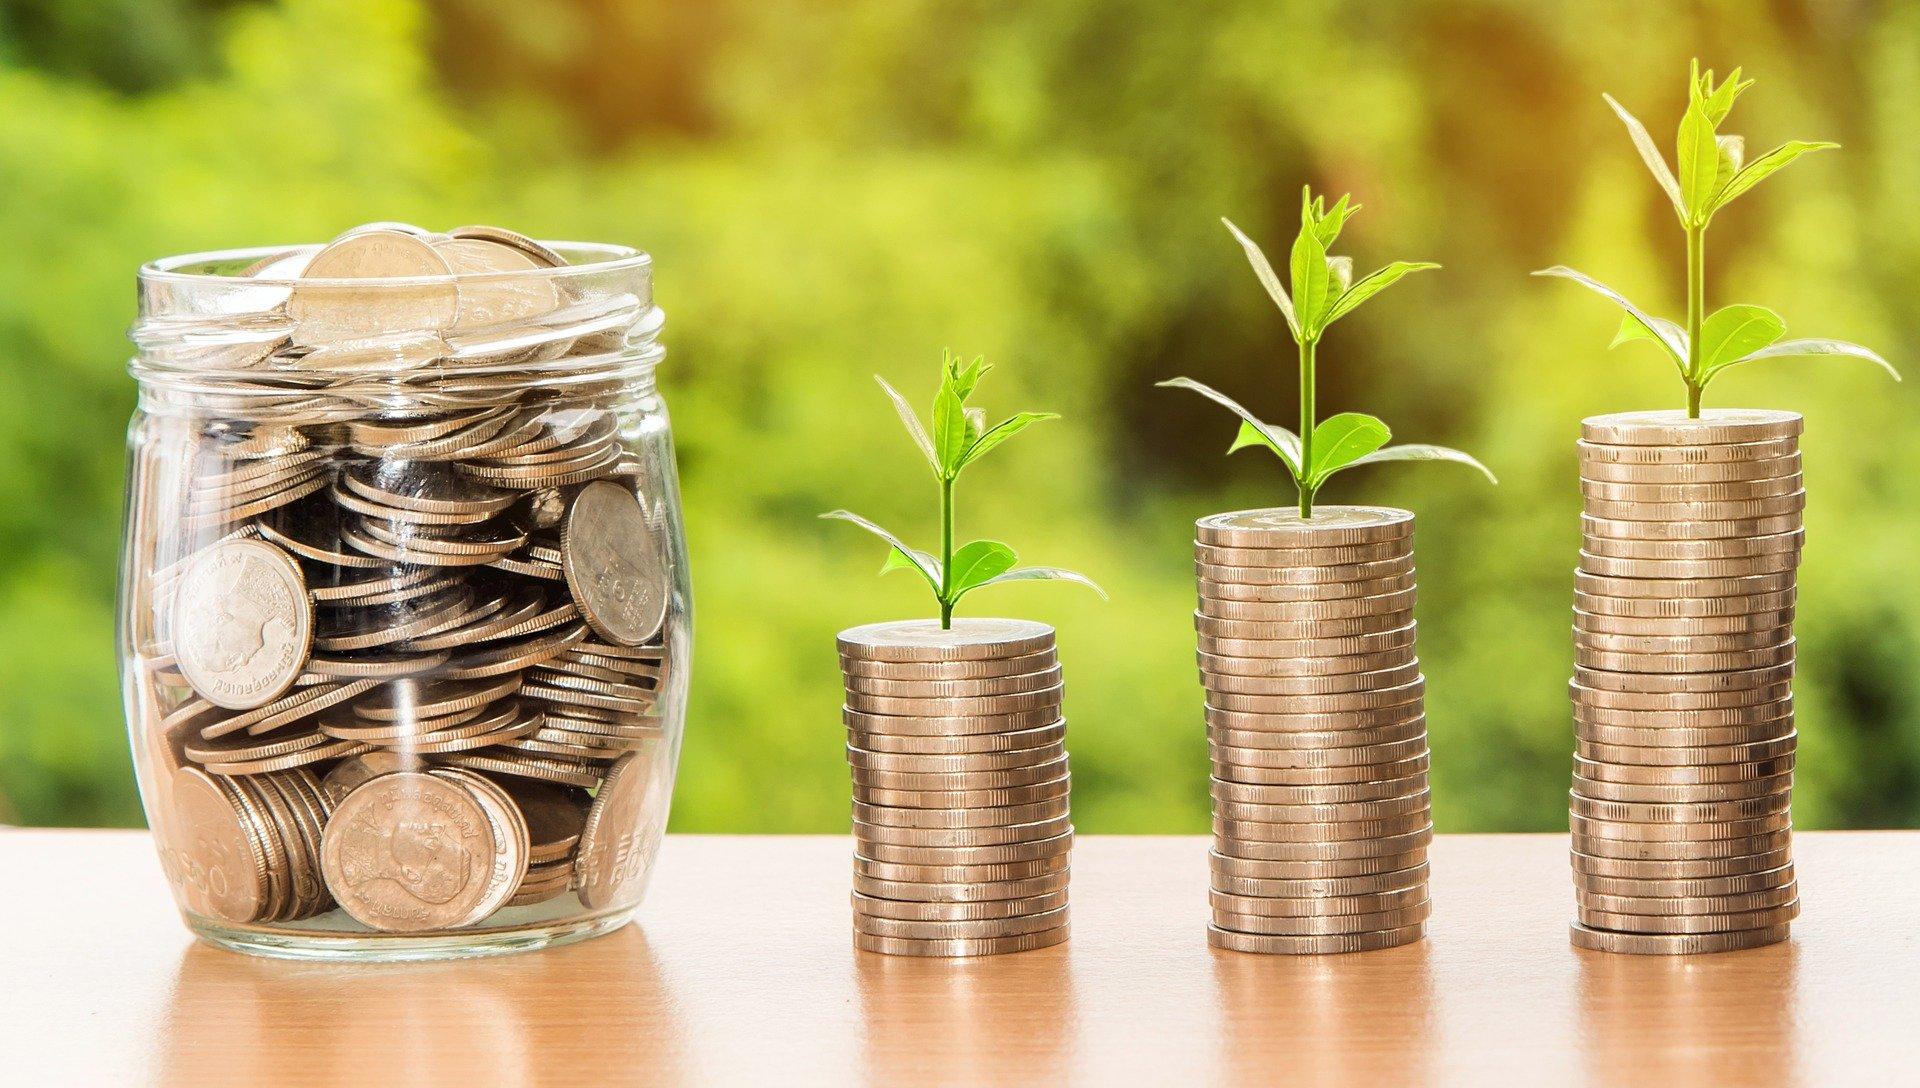 un barattolo trasparente pieno di monete e 3 pile di monete da cui fioriscono piccole piantine verdi